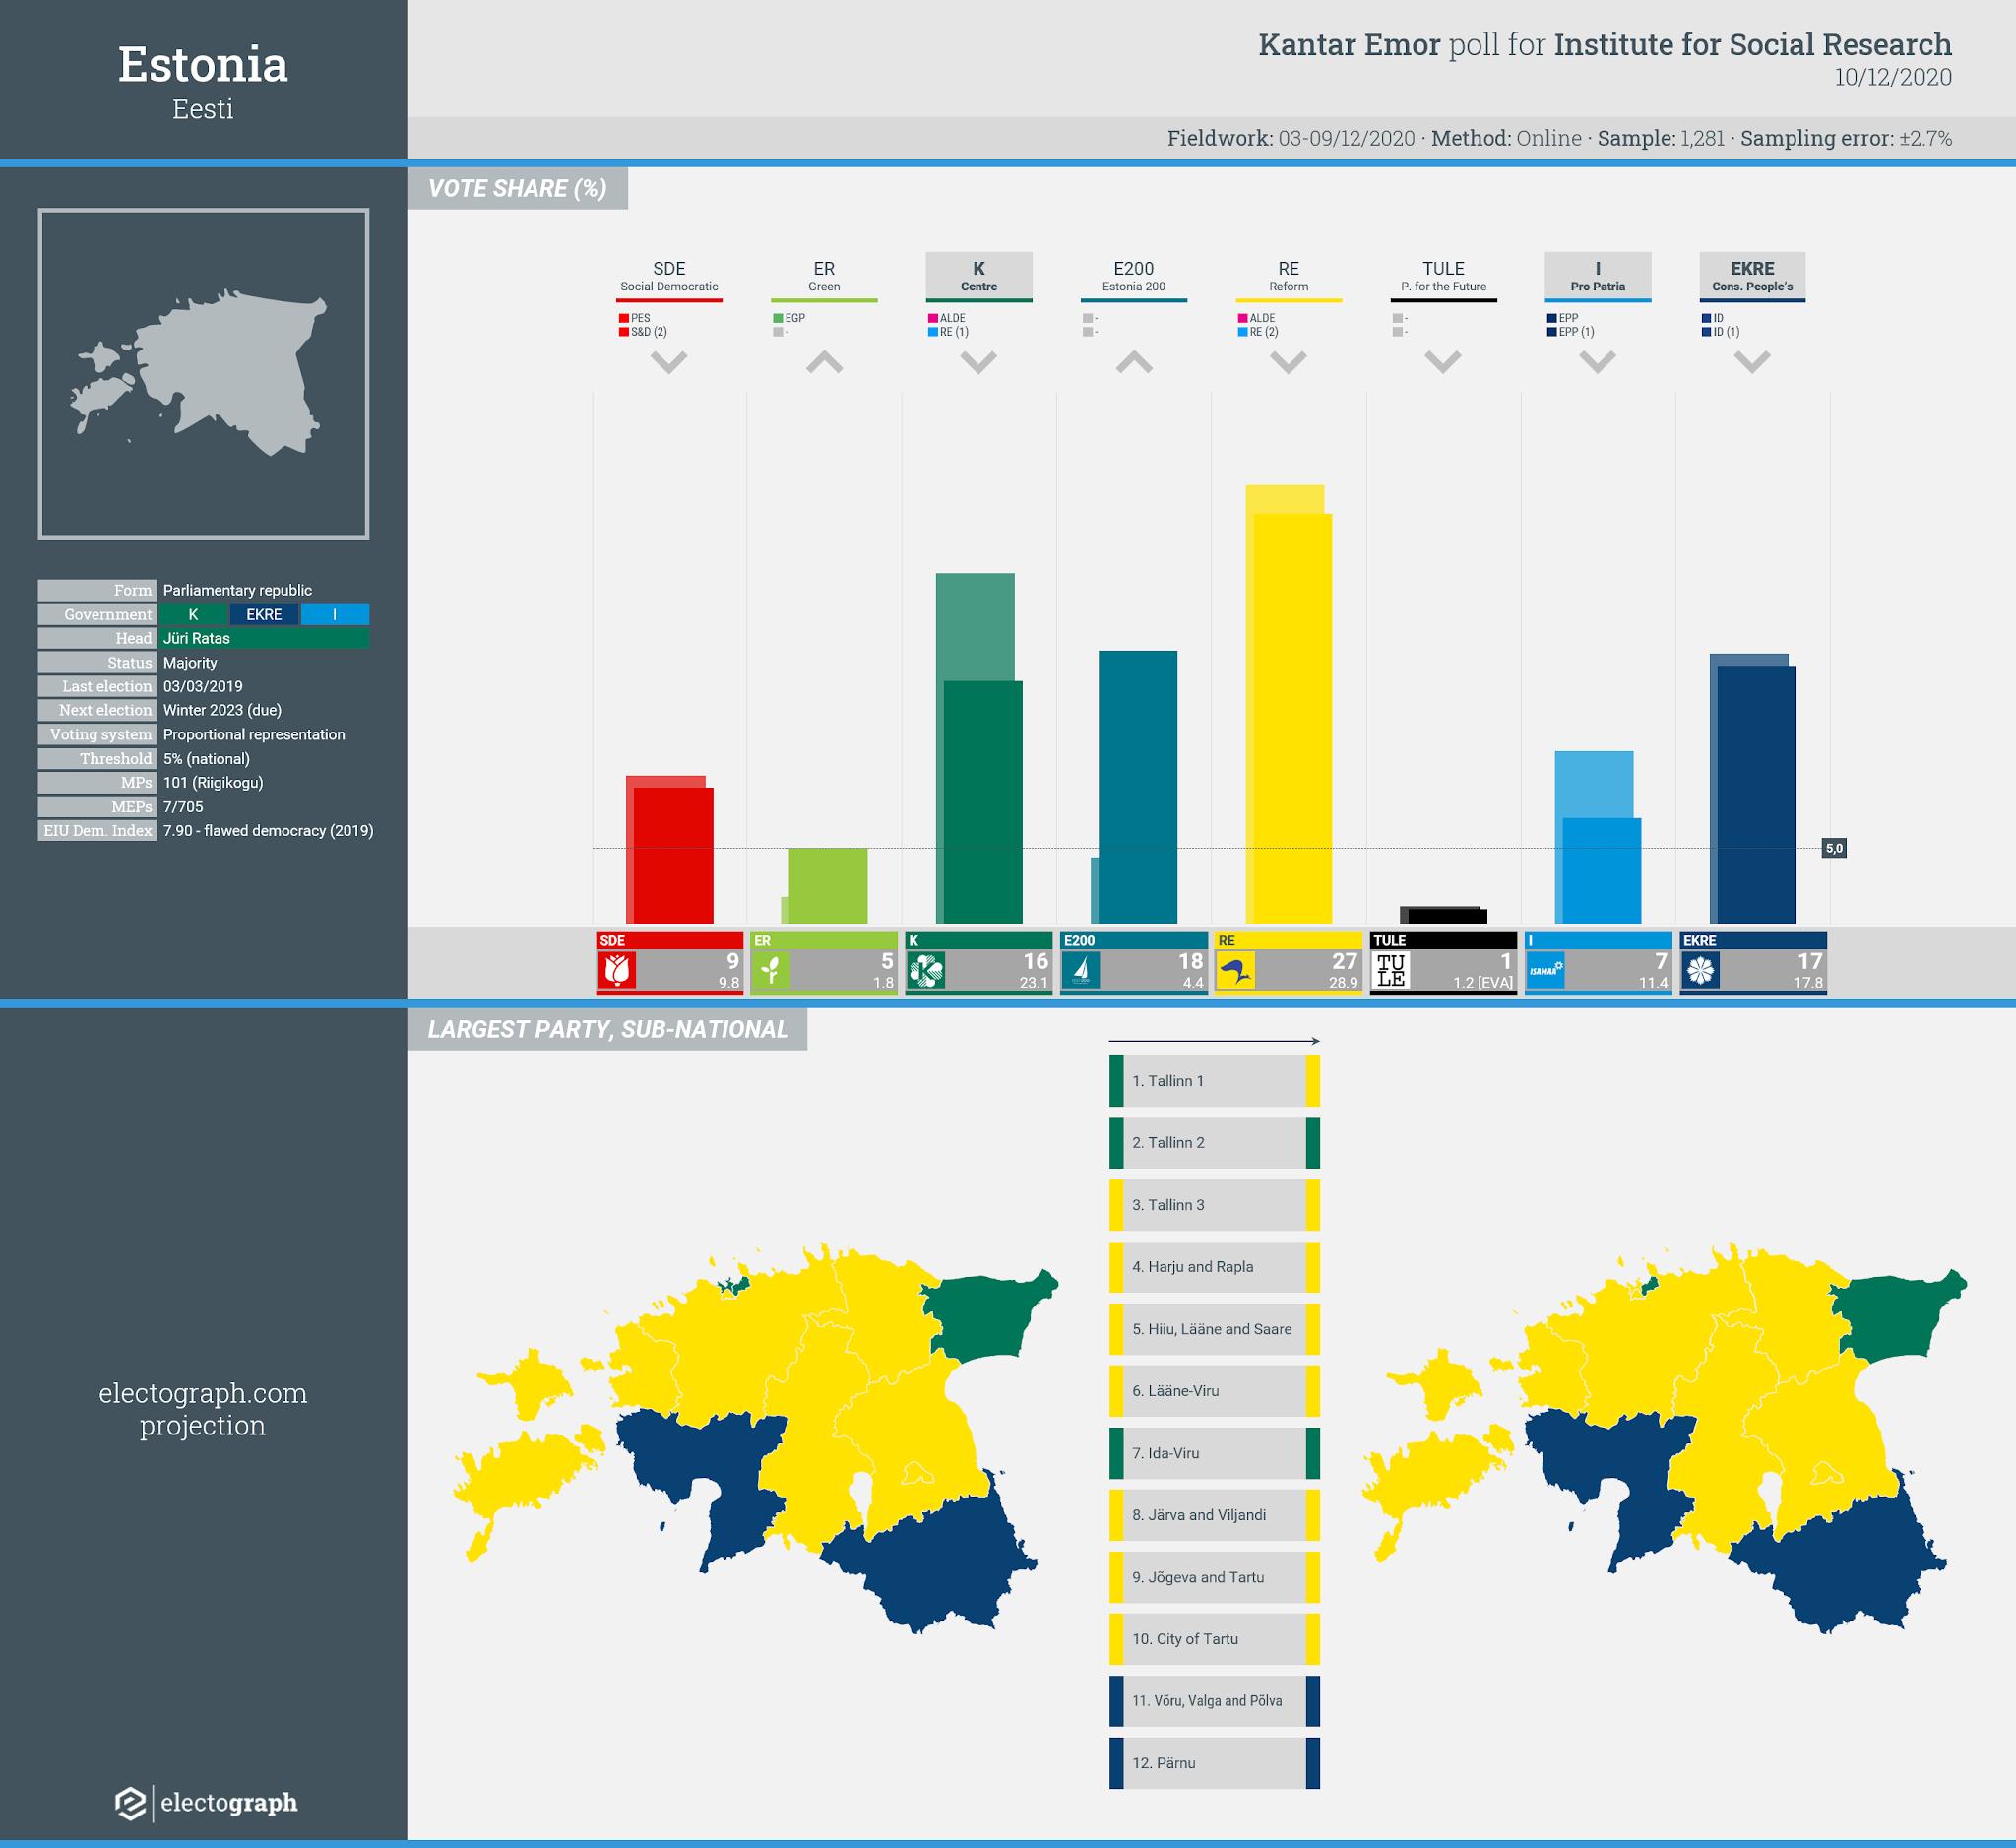 ESTONIA: Kantar Emor poll chart, 10 December 2020